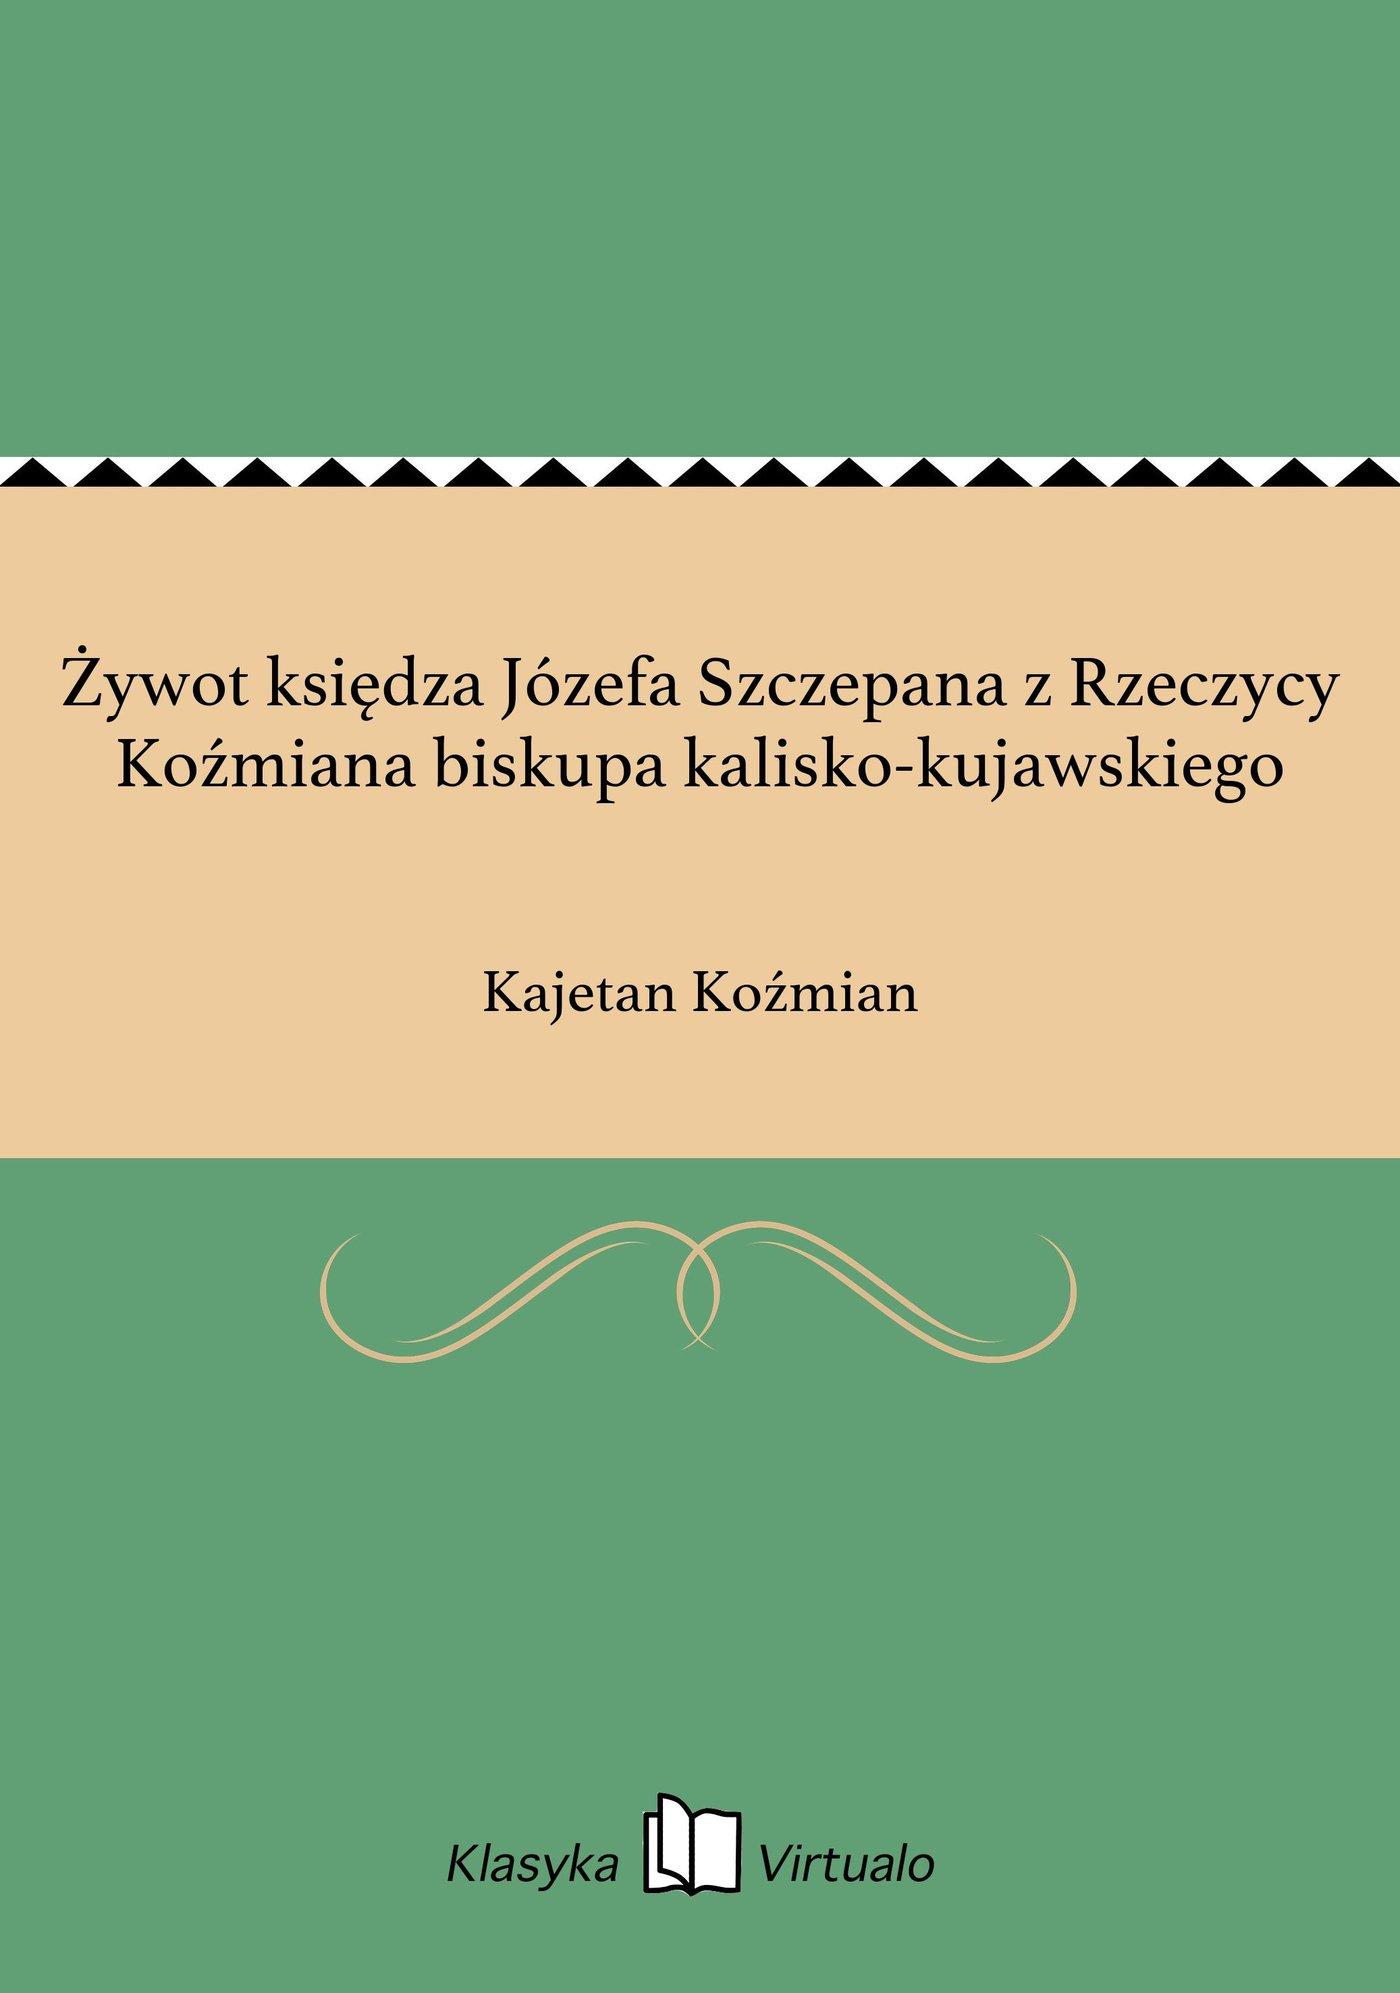 Żywot księdza Józefa Szczepana z Rzeczycy Koźmiana biskupa kalisko-kujawskiego - Ebook (Książka EPUB) do pobrania w formacie EPUB